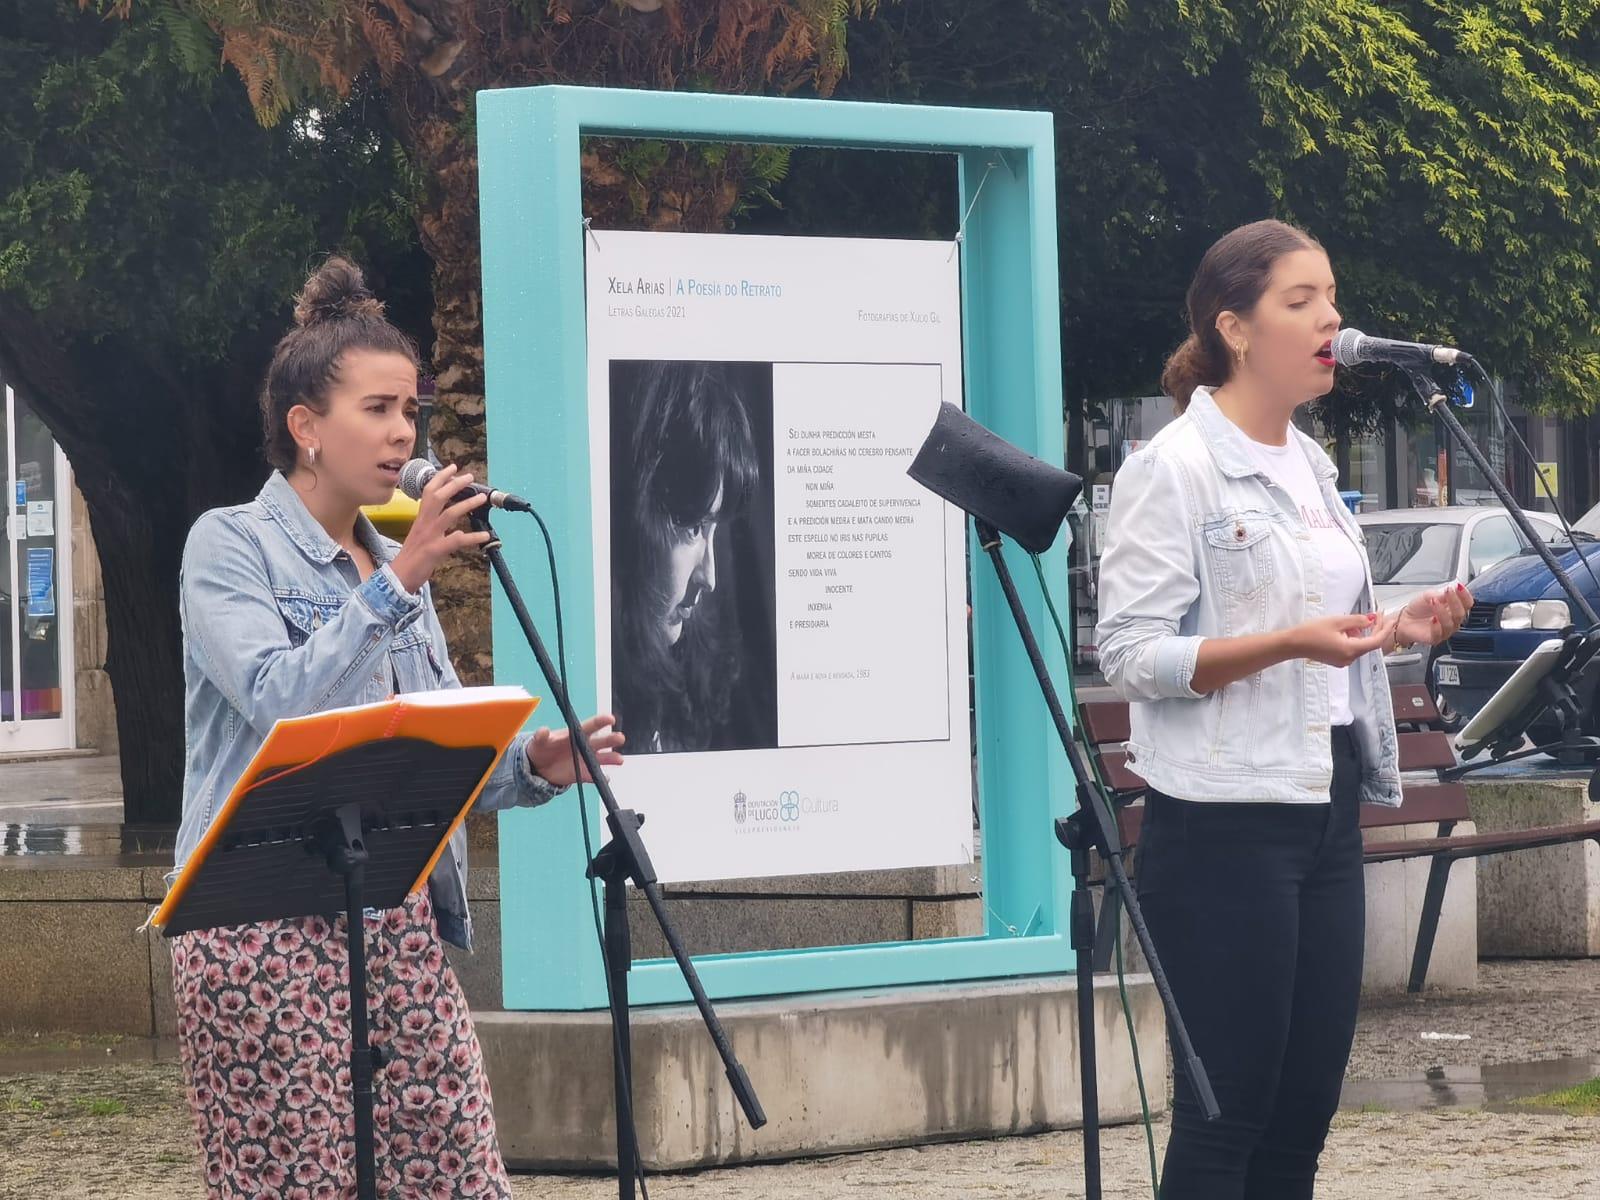 """Inaugurada en Viveiro a mostra """"Xela Arias. A poesía do retrato"""", que poderá verse ata o 26 de agosto nos Xardíns Noriega Varela"""